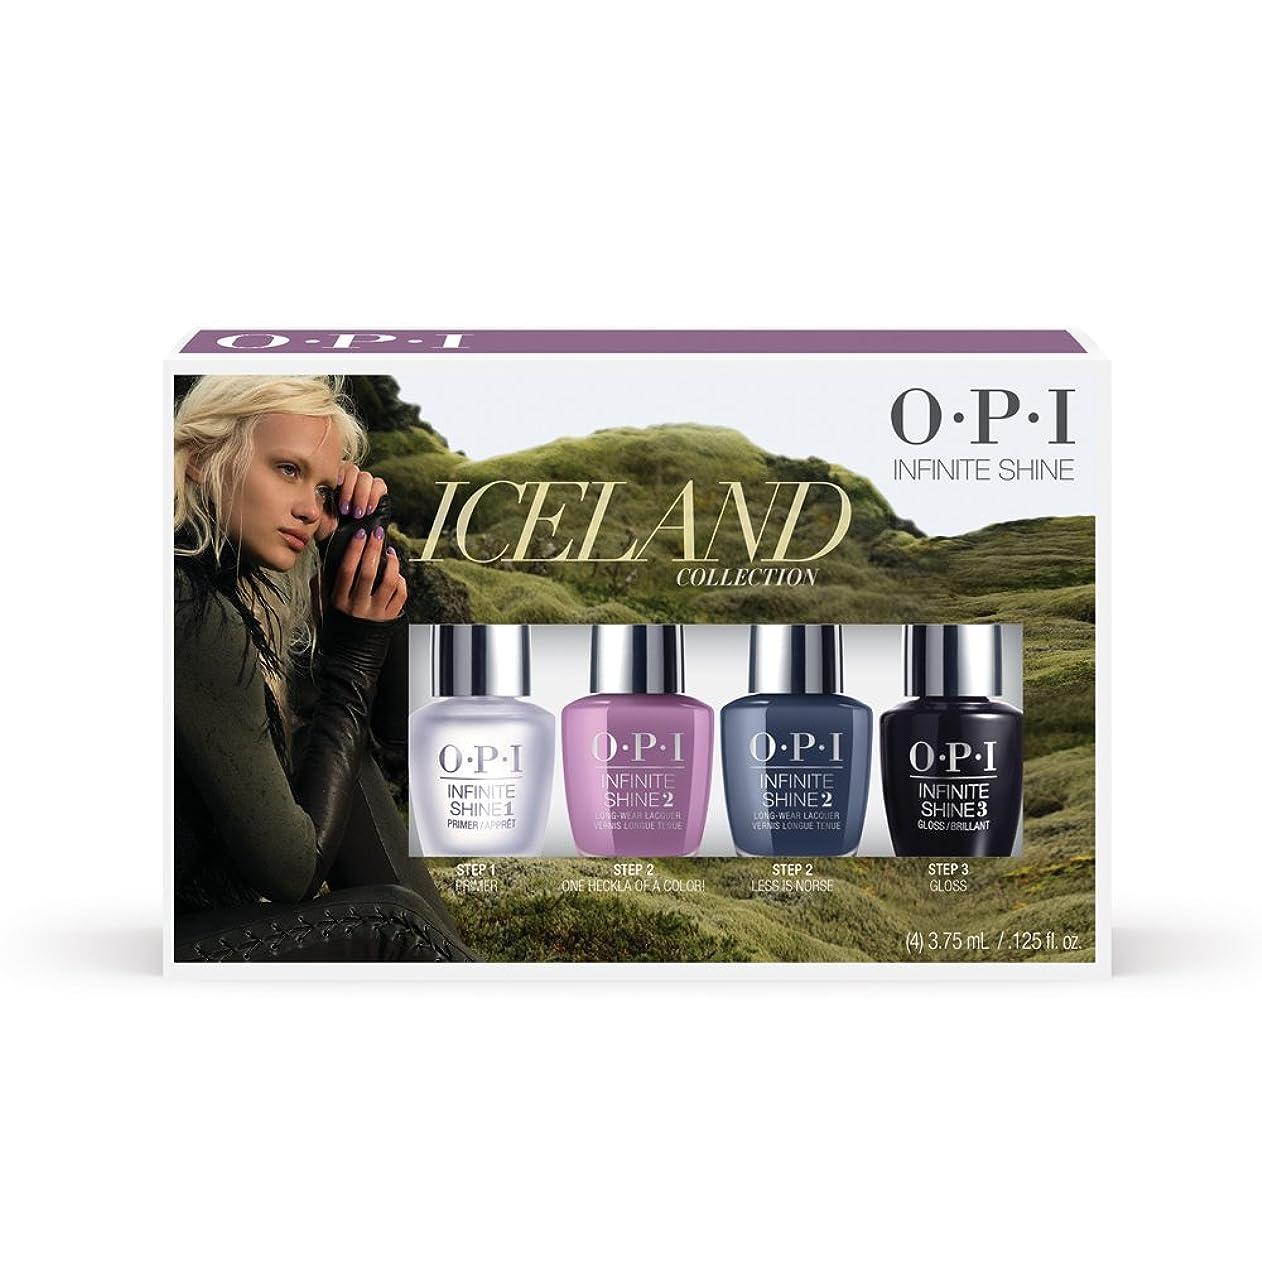 デコラティブギャップ許さないOPI(オーピーアイ) アイスランド コレクション インフィニット シャイン ミニパック